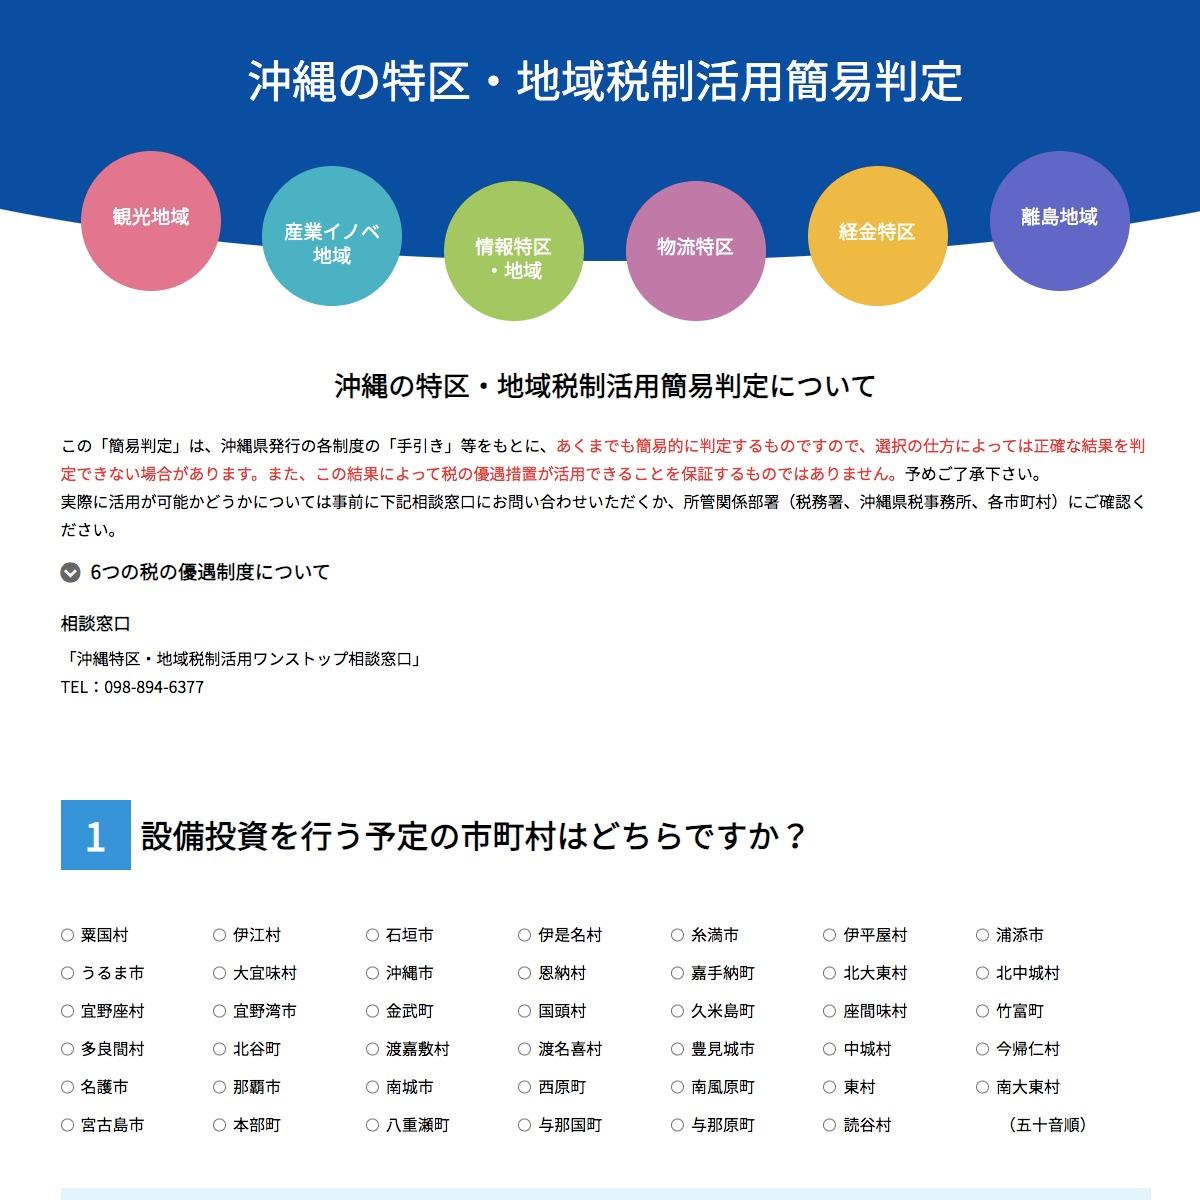 沖縄の特区・地域税制活用簡易判定をリニューアルしました!